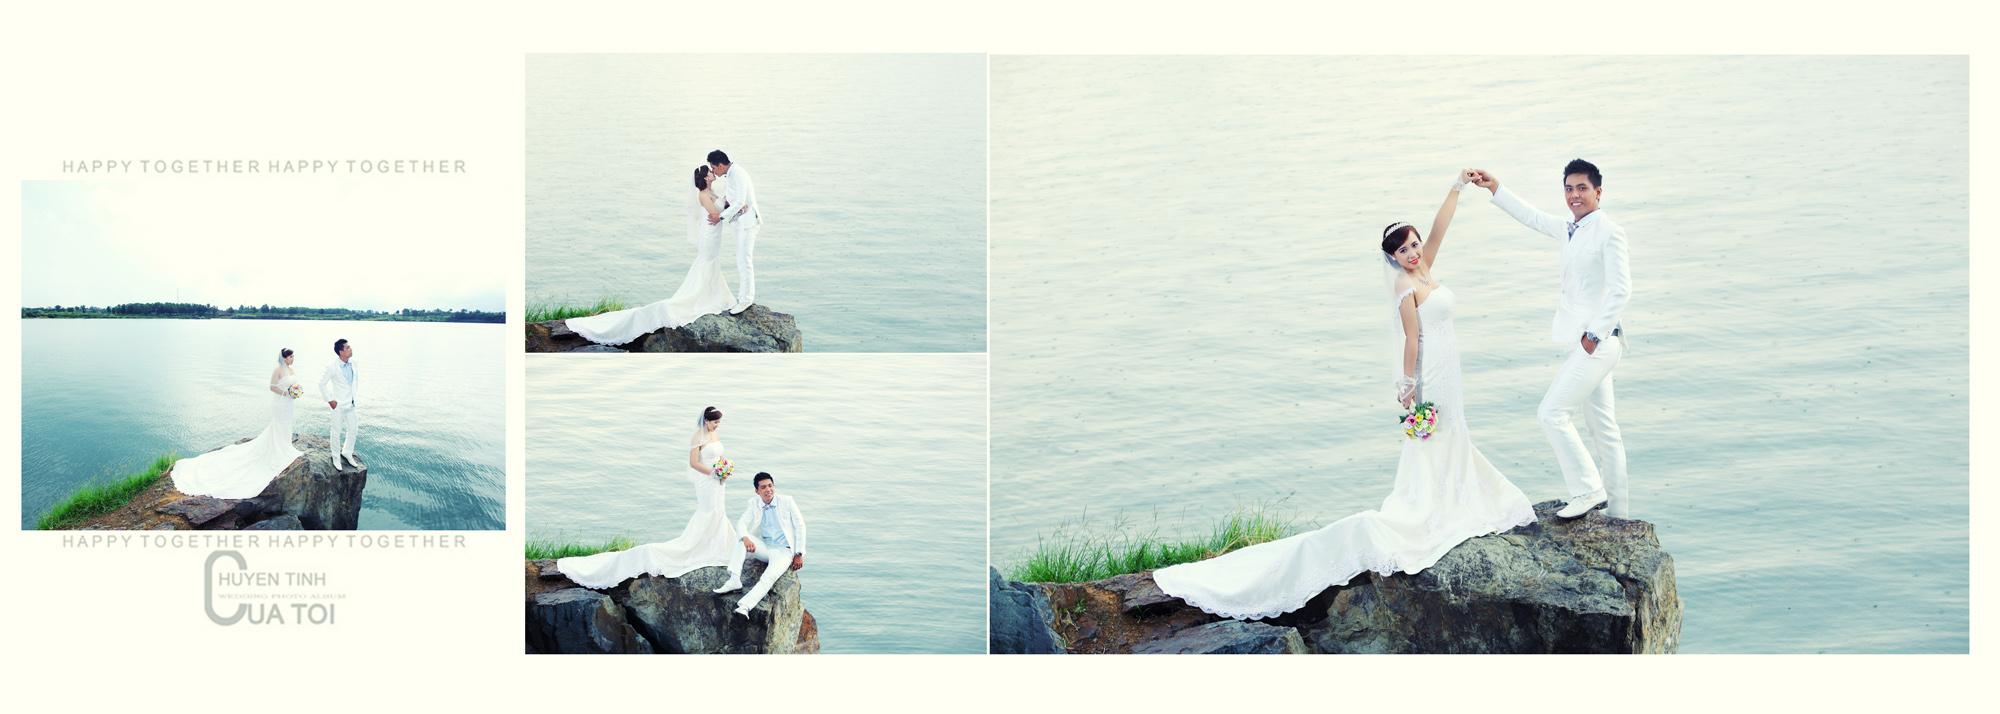 Album chụp hình cưới Quang và Thủy 10